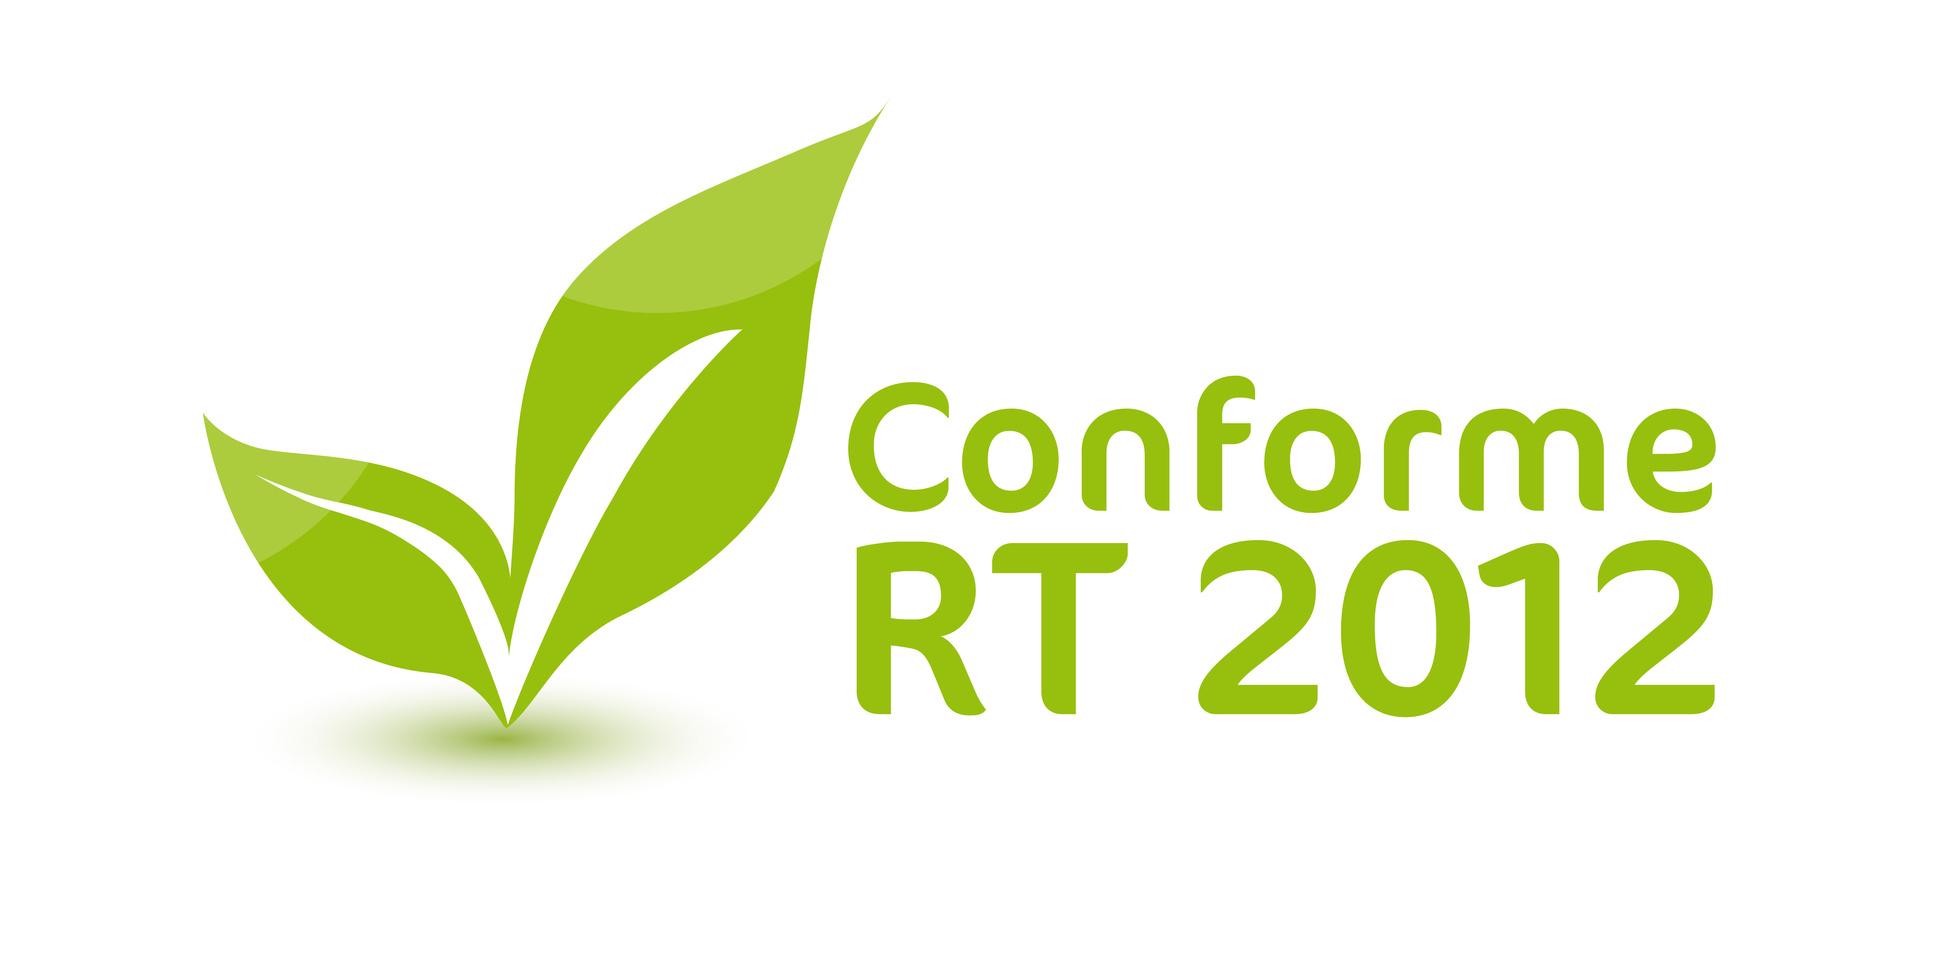 Patch conforme à la RT 2012 avec des feuilles